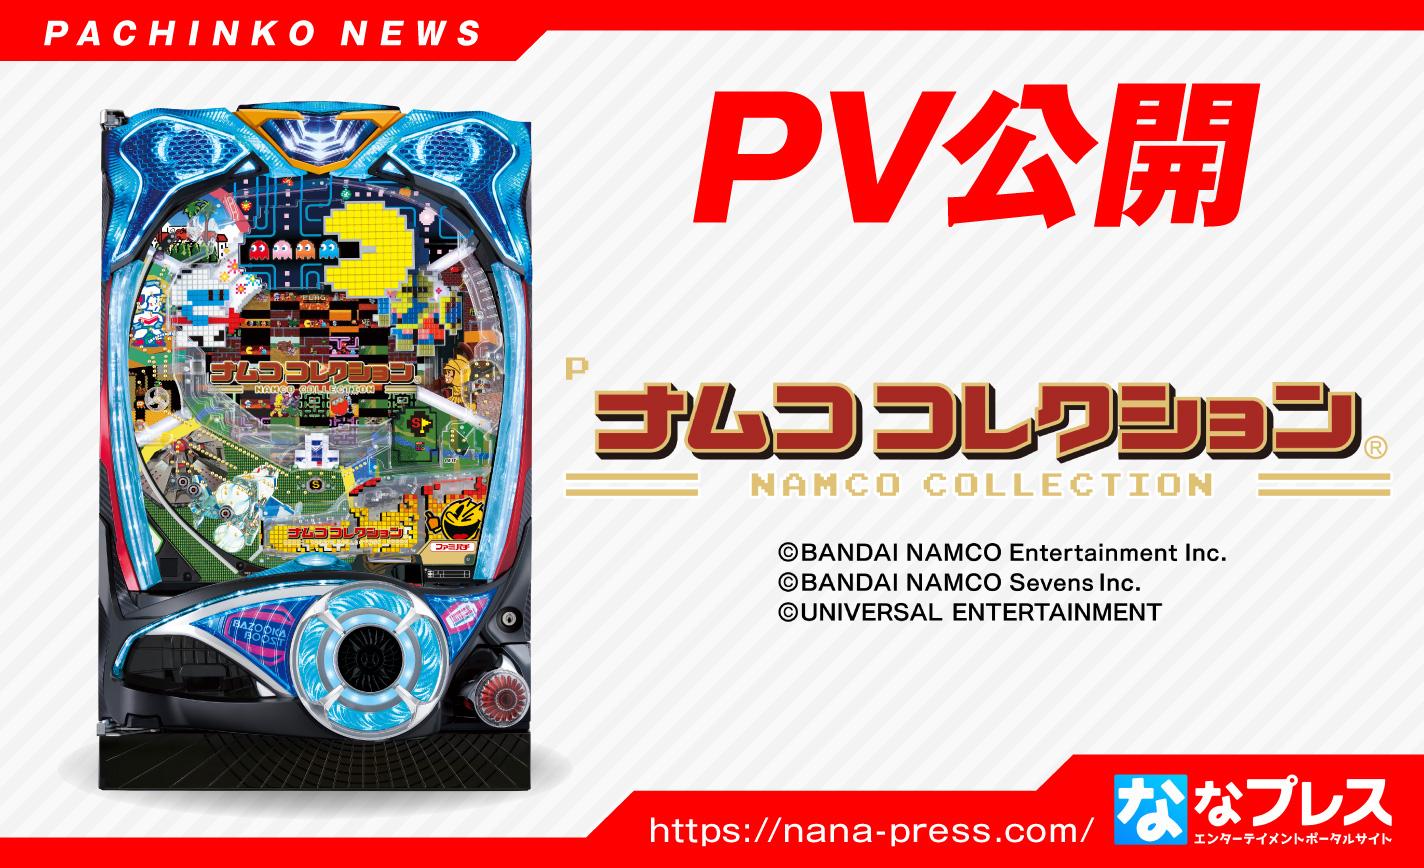 【Pナムココレクション】ユニバーサル新台のPVが公開!懐かしの名作がホールで楽しめる? eyecatch-image